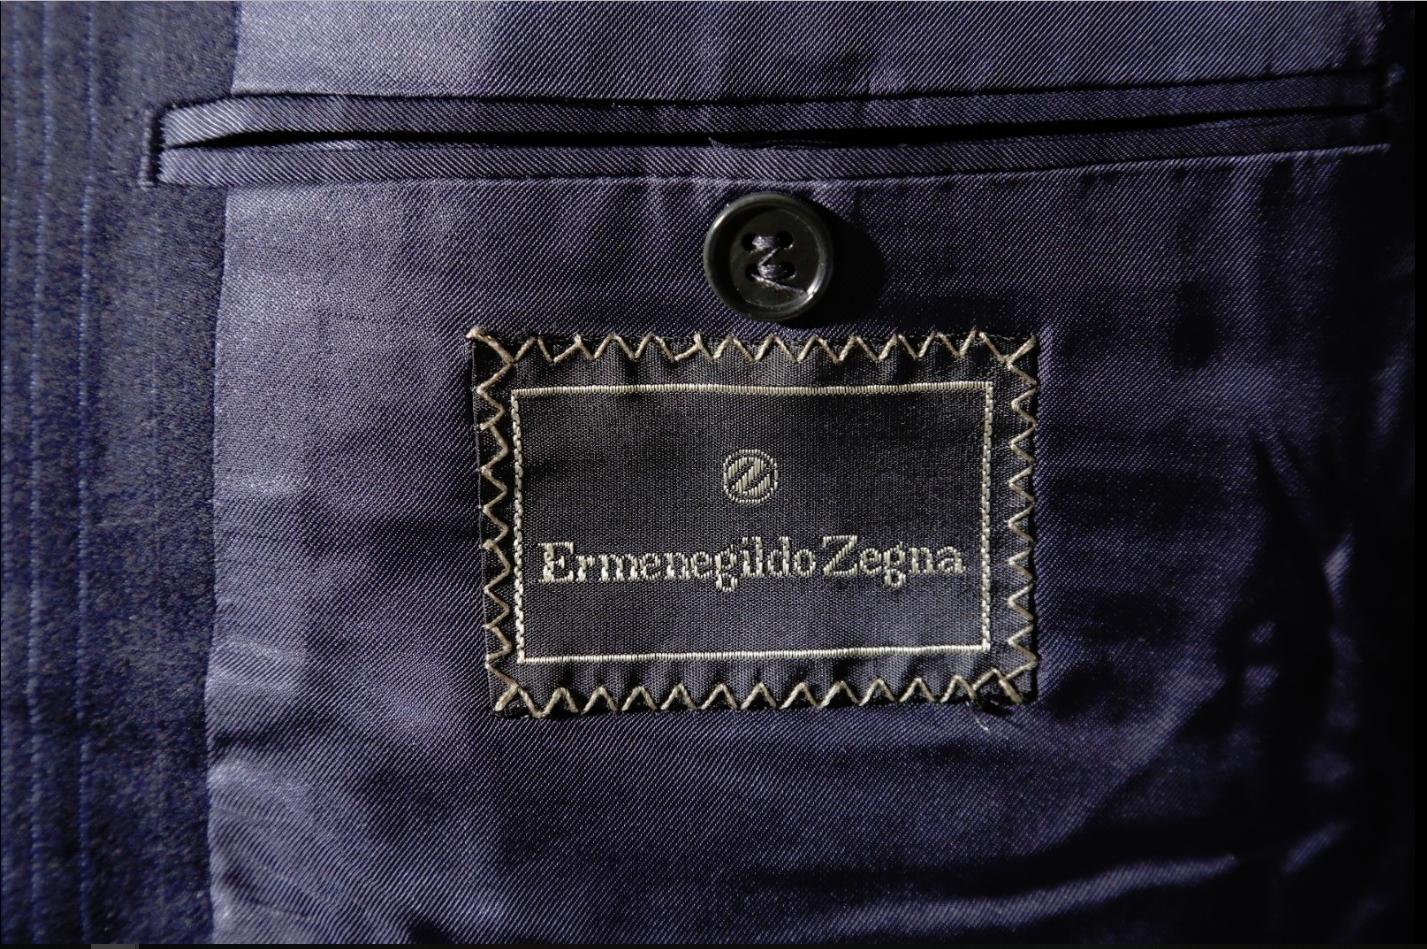 Zegna2Capture.PNG